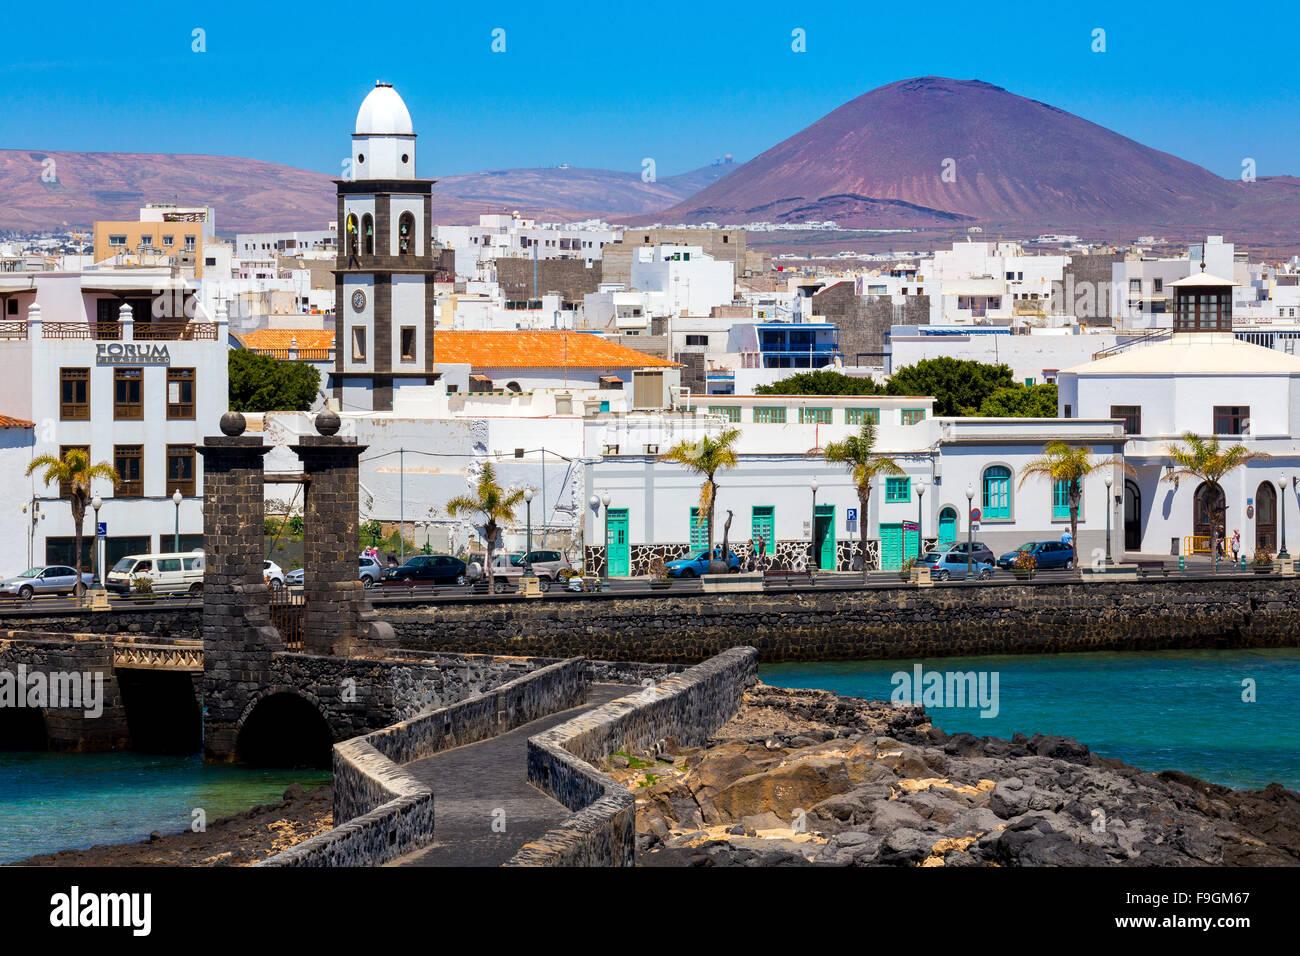 Historic centre of Arrecife, volcano behind, Lanzarote, Canary Islands, Spain - Stock Image